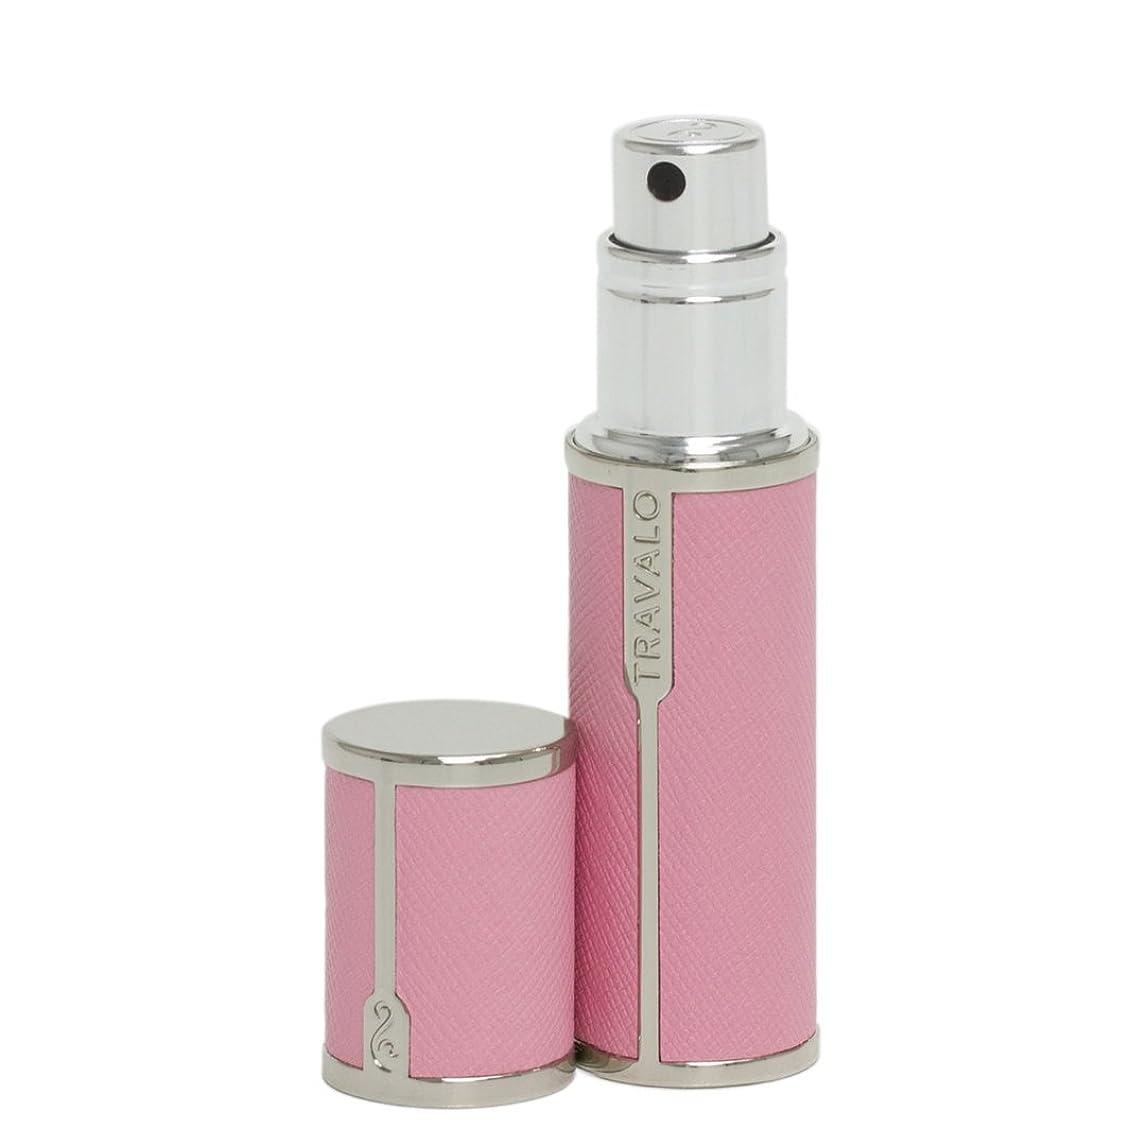 途方もないに困難香水アトマイザー Travalo Milano トラヴァーロ ミラノ 香水 アトマイザー 香水10秒チャージ (ピンク)